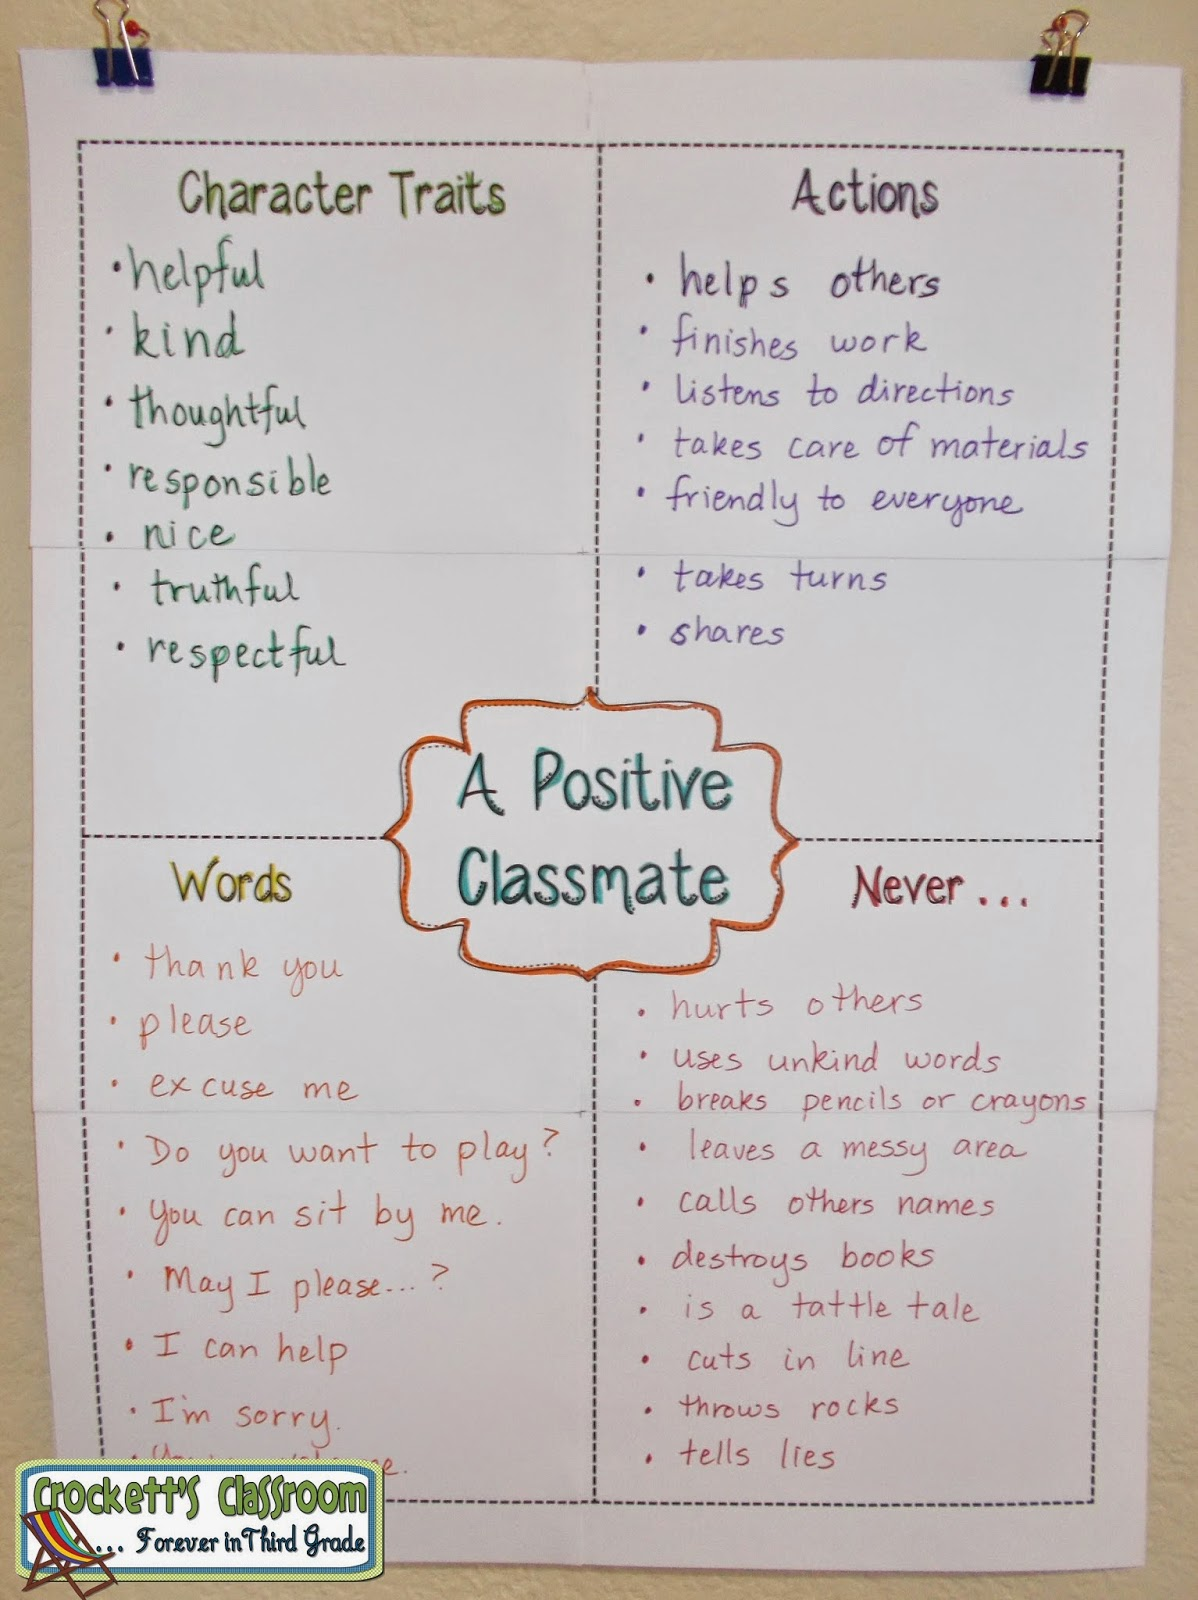 Building A Positive Community